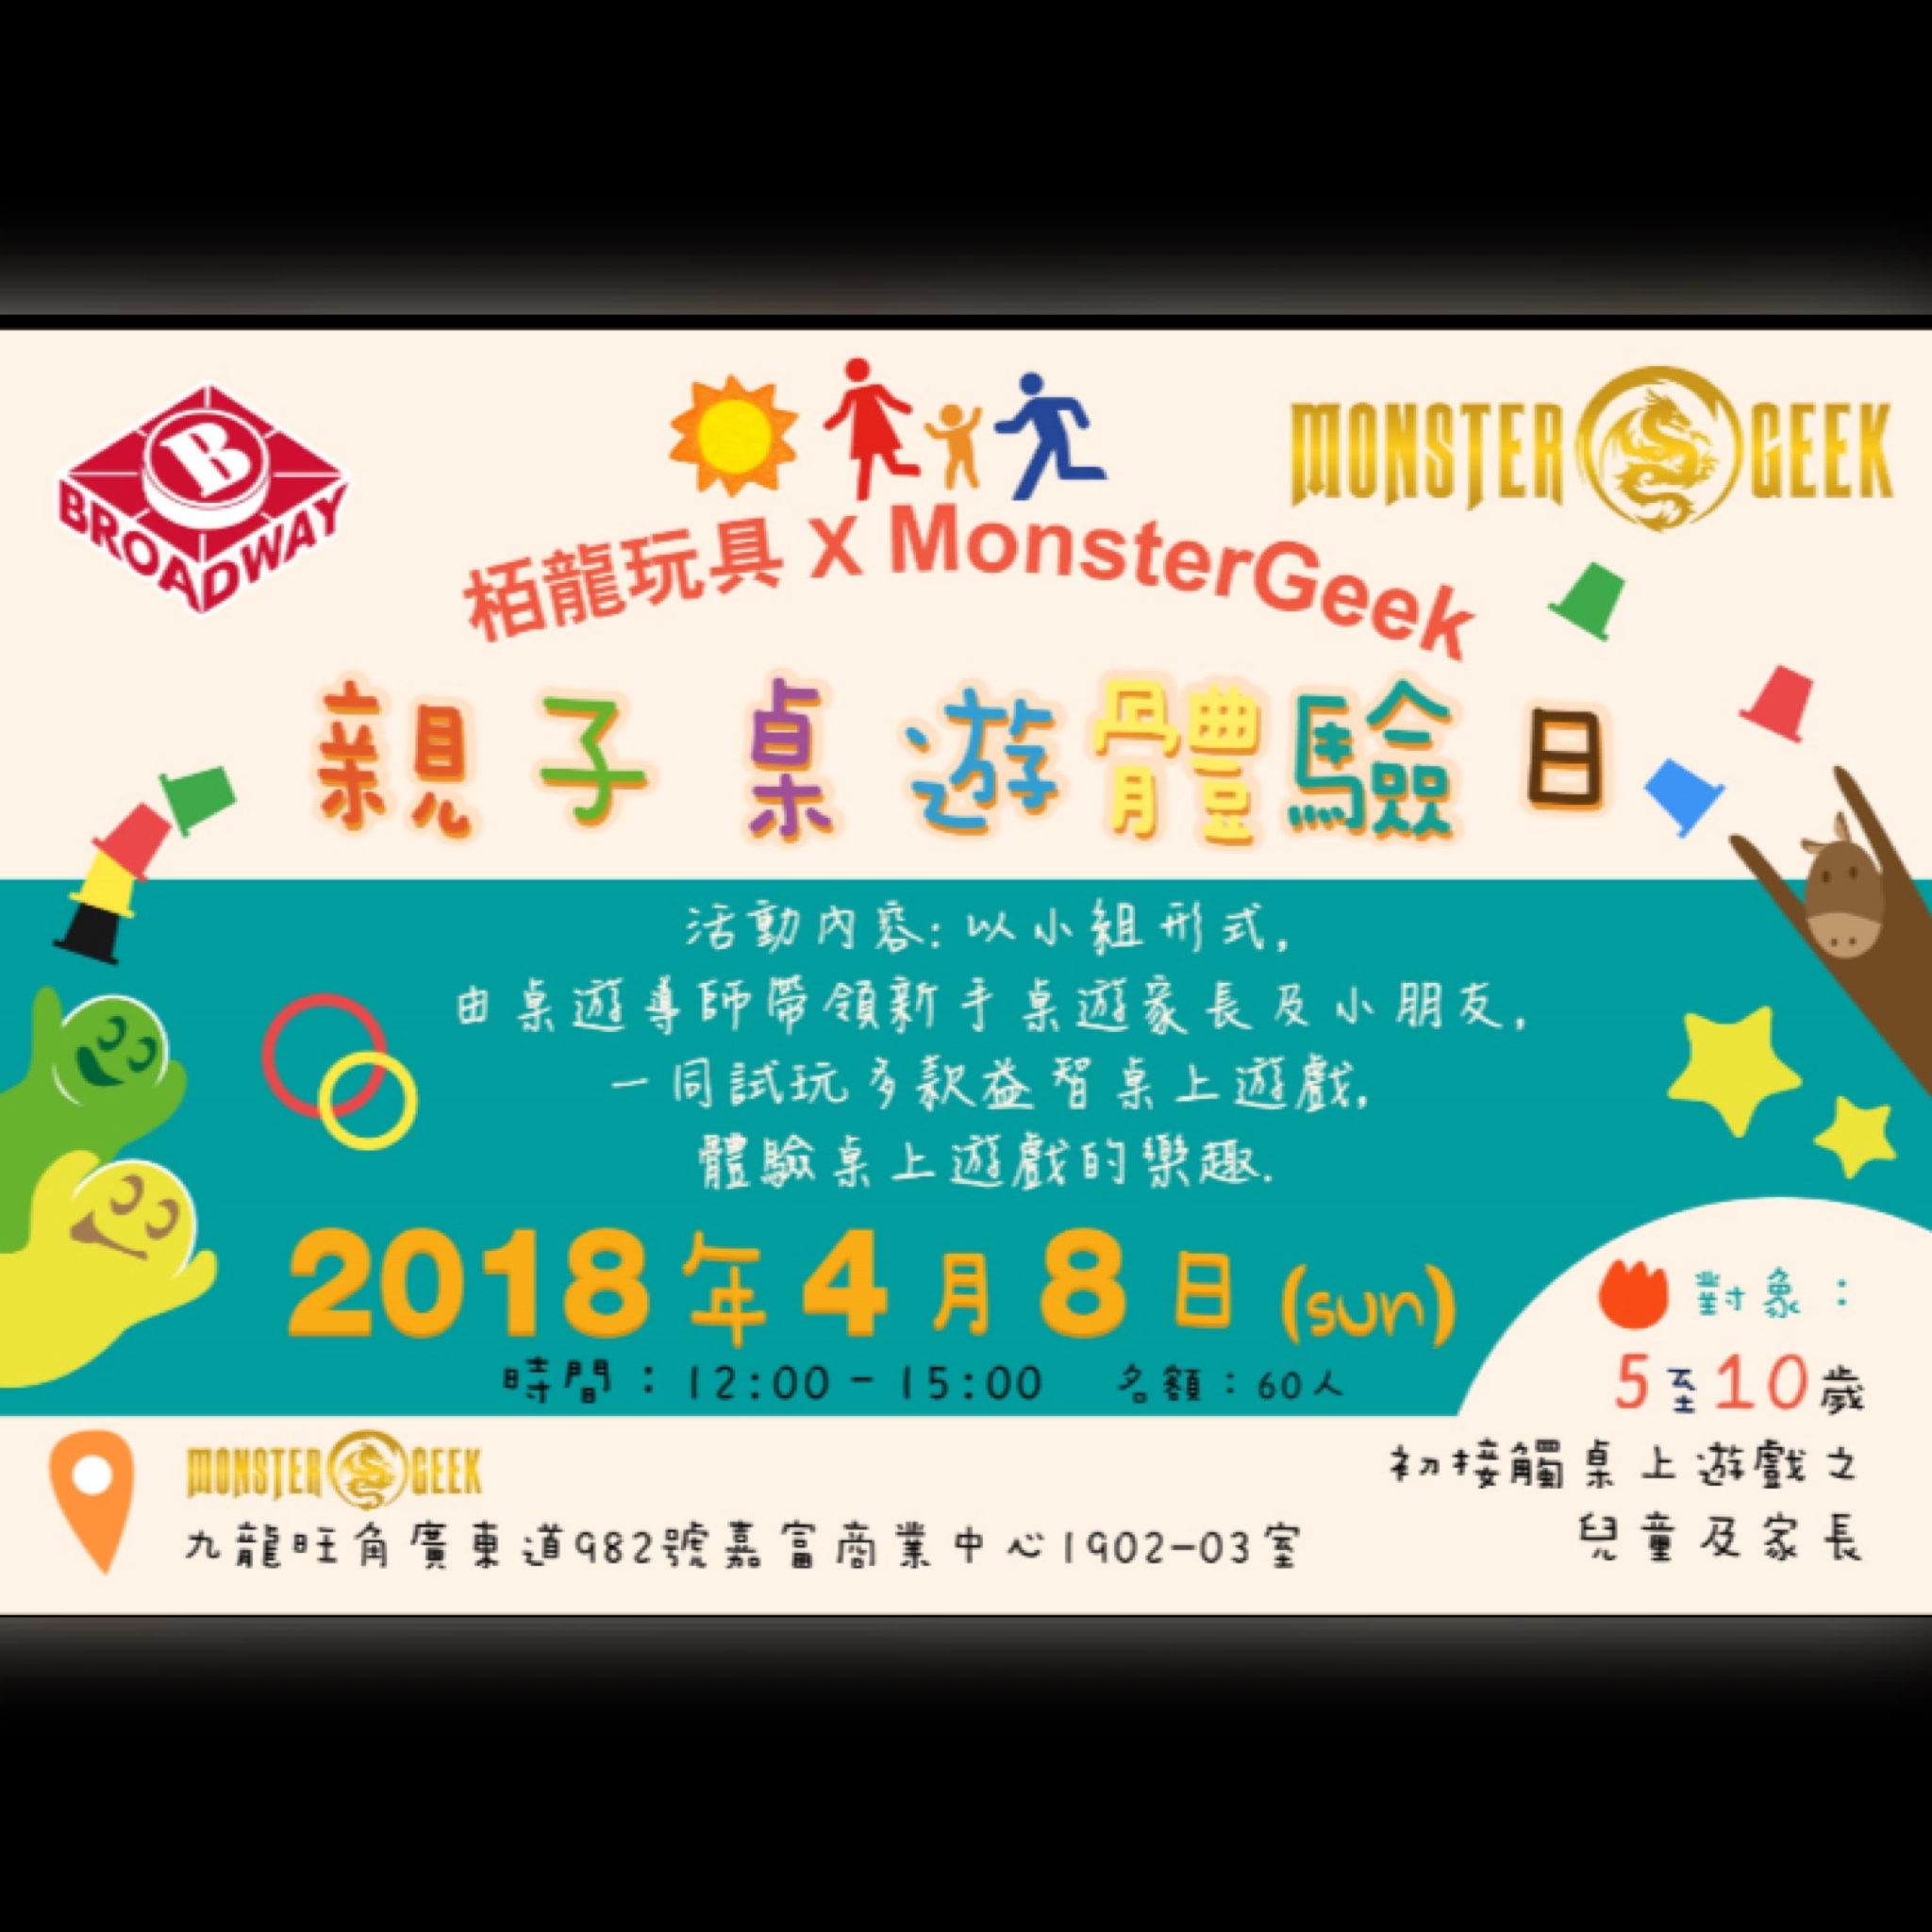 http://broadwaygames.com.hk/wp-content/uploads/2018/04/FCDADB0D-1DA8-495F-BCDD-D96B84110D45-1.jpeg